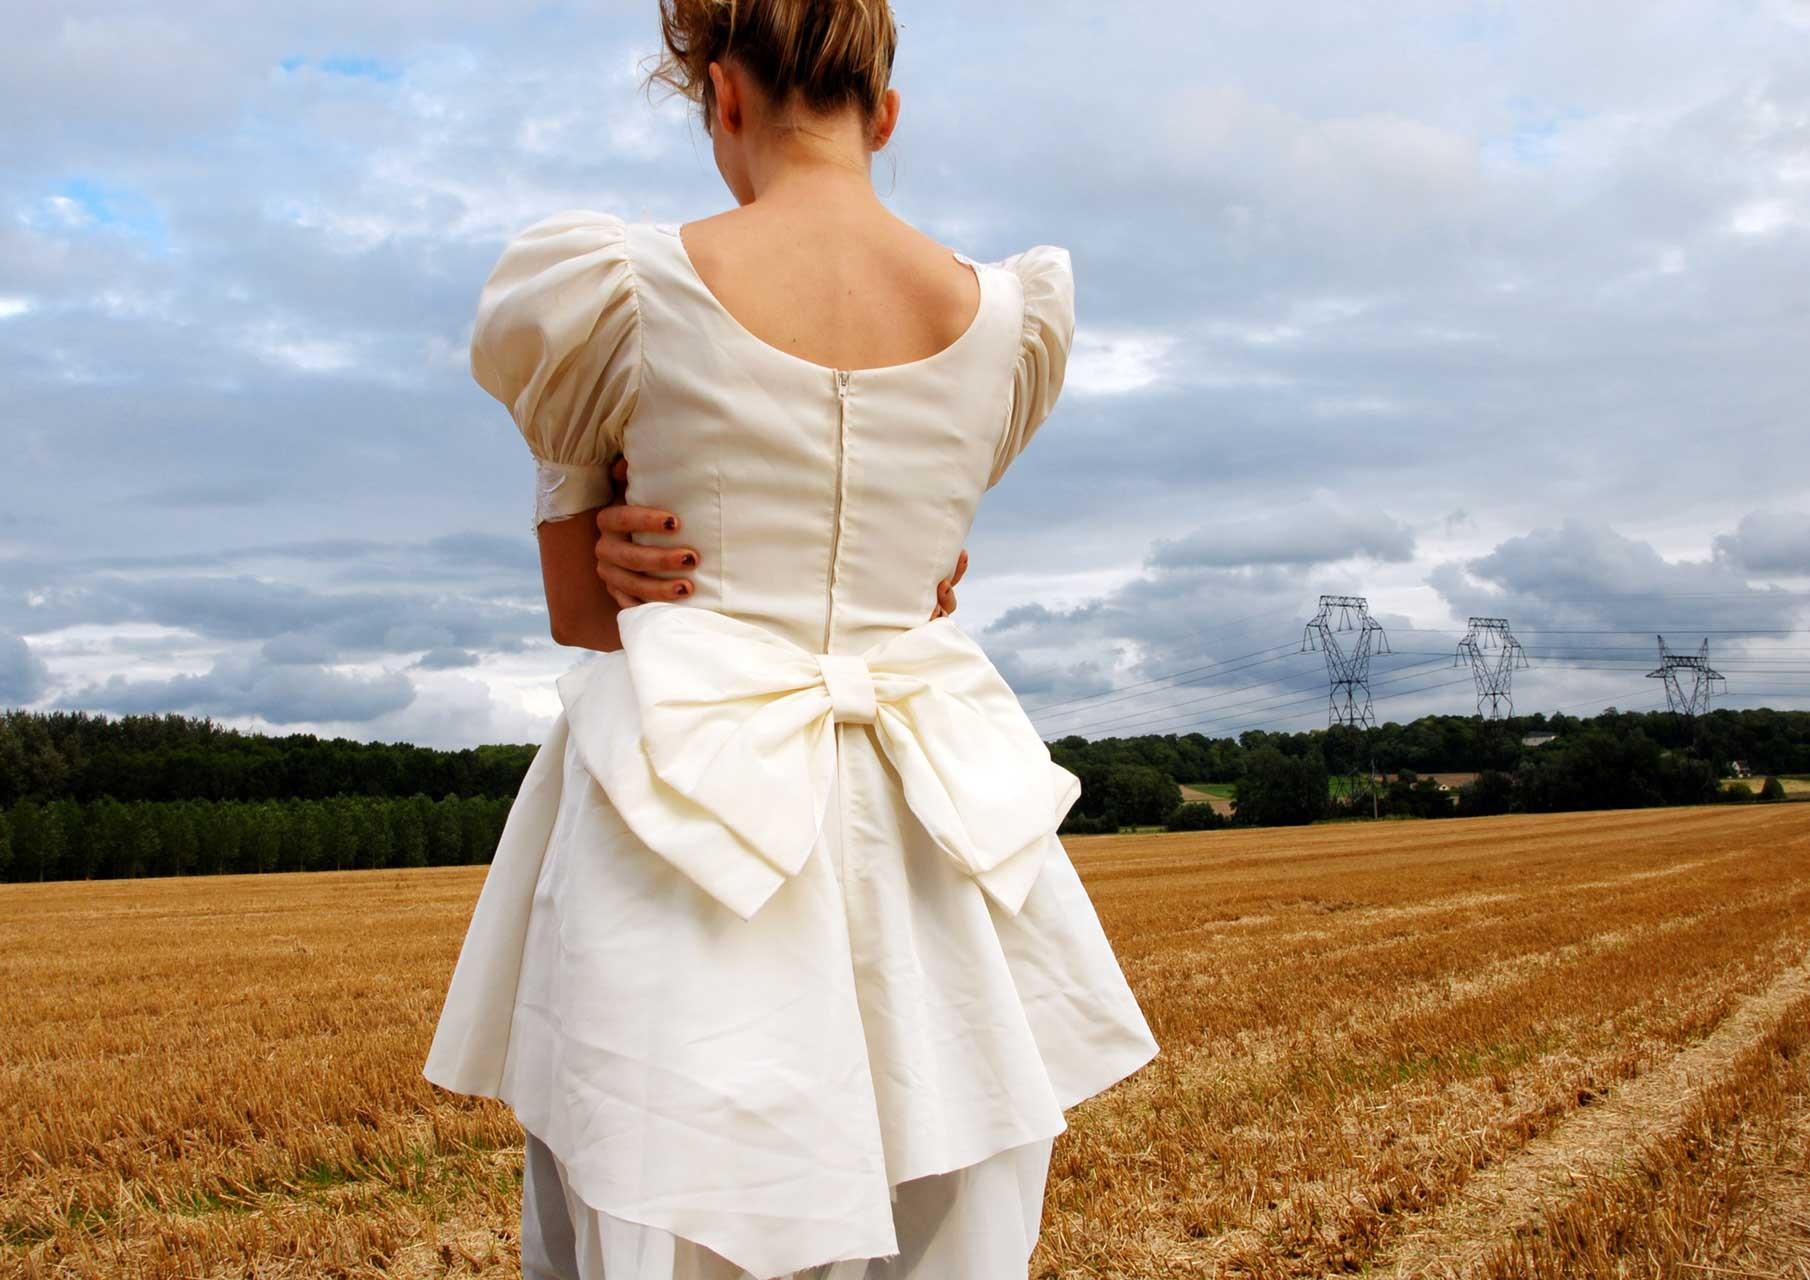 Laure-Maud_09_photographe_mode-ethique-fashion-DIY_100-pour-100-recyle